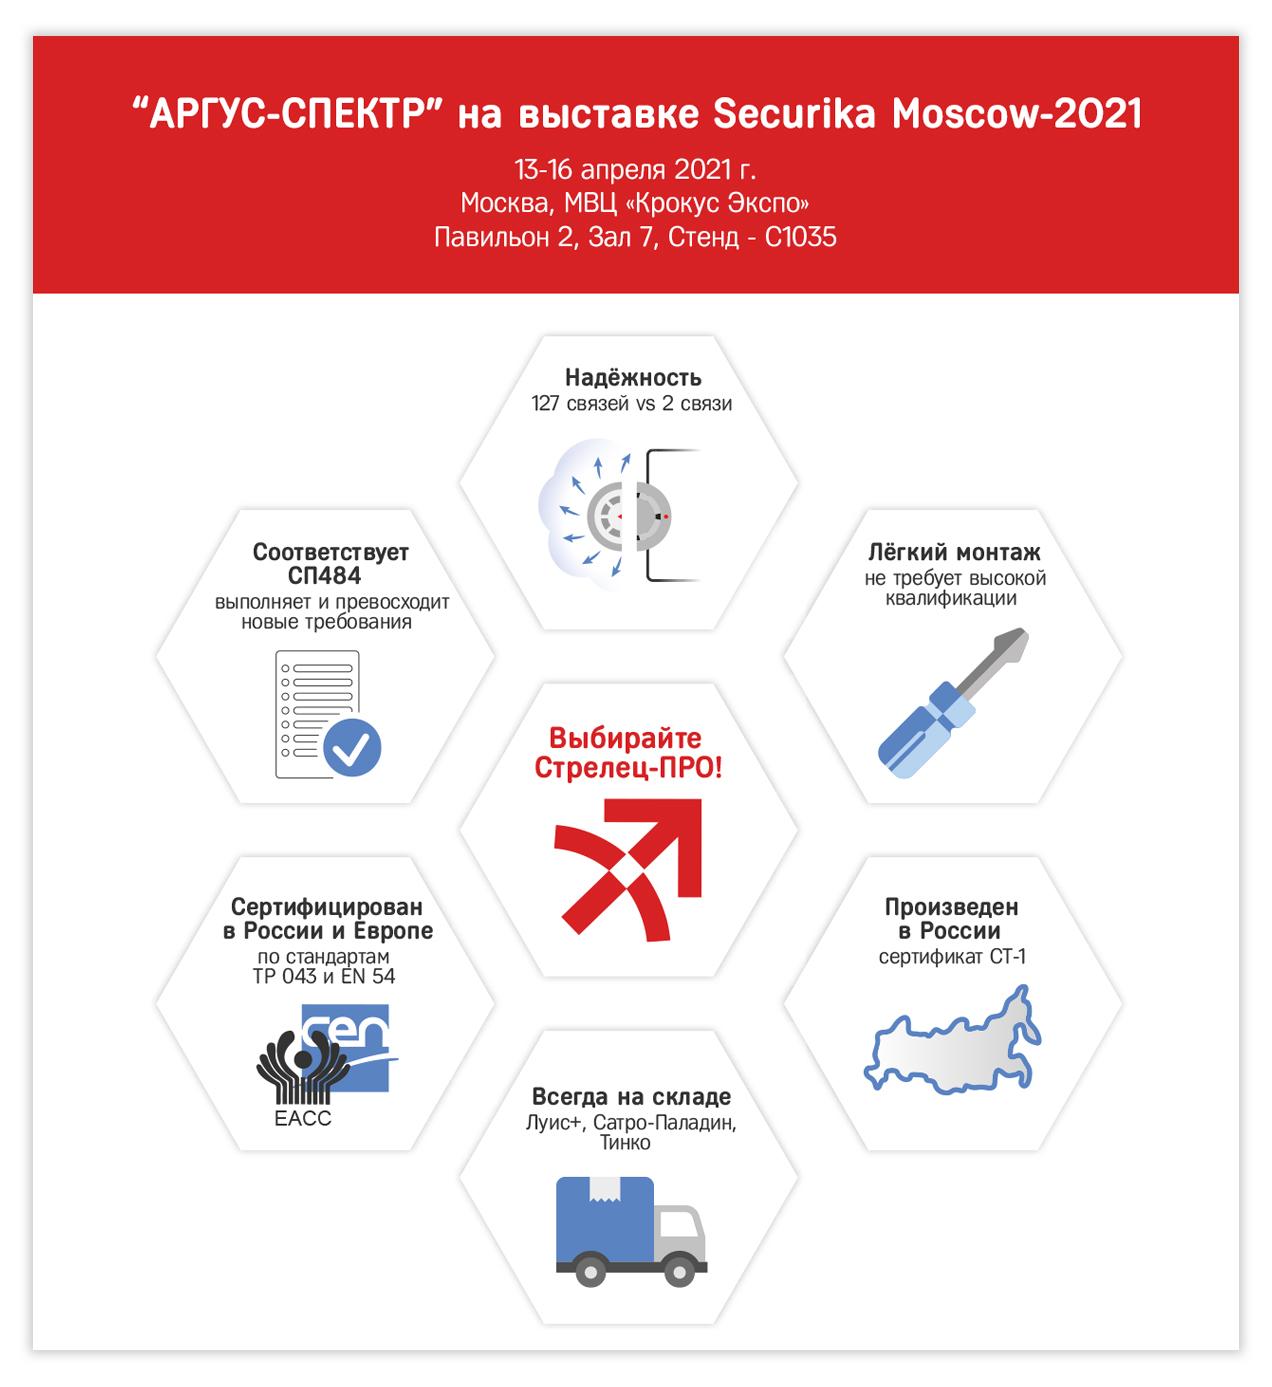 МИПС-2021: СТРЕЛЕЦ-ПРО соответствует СП 484 и сертифицирован по ТР 043